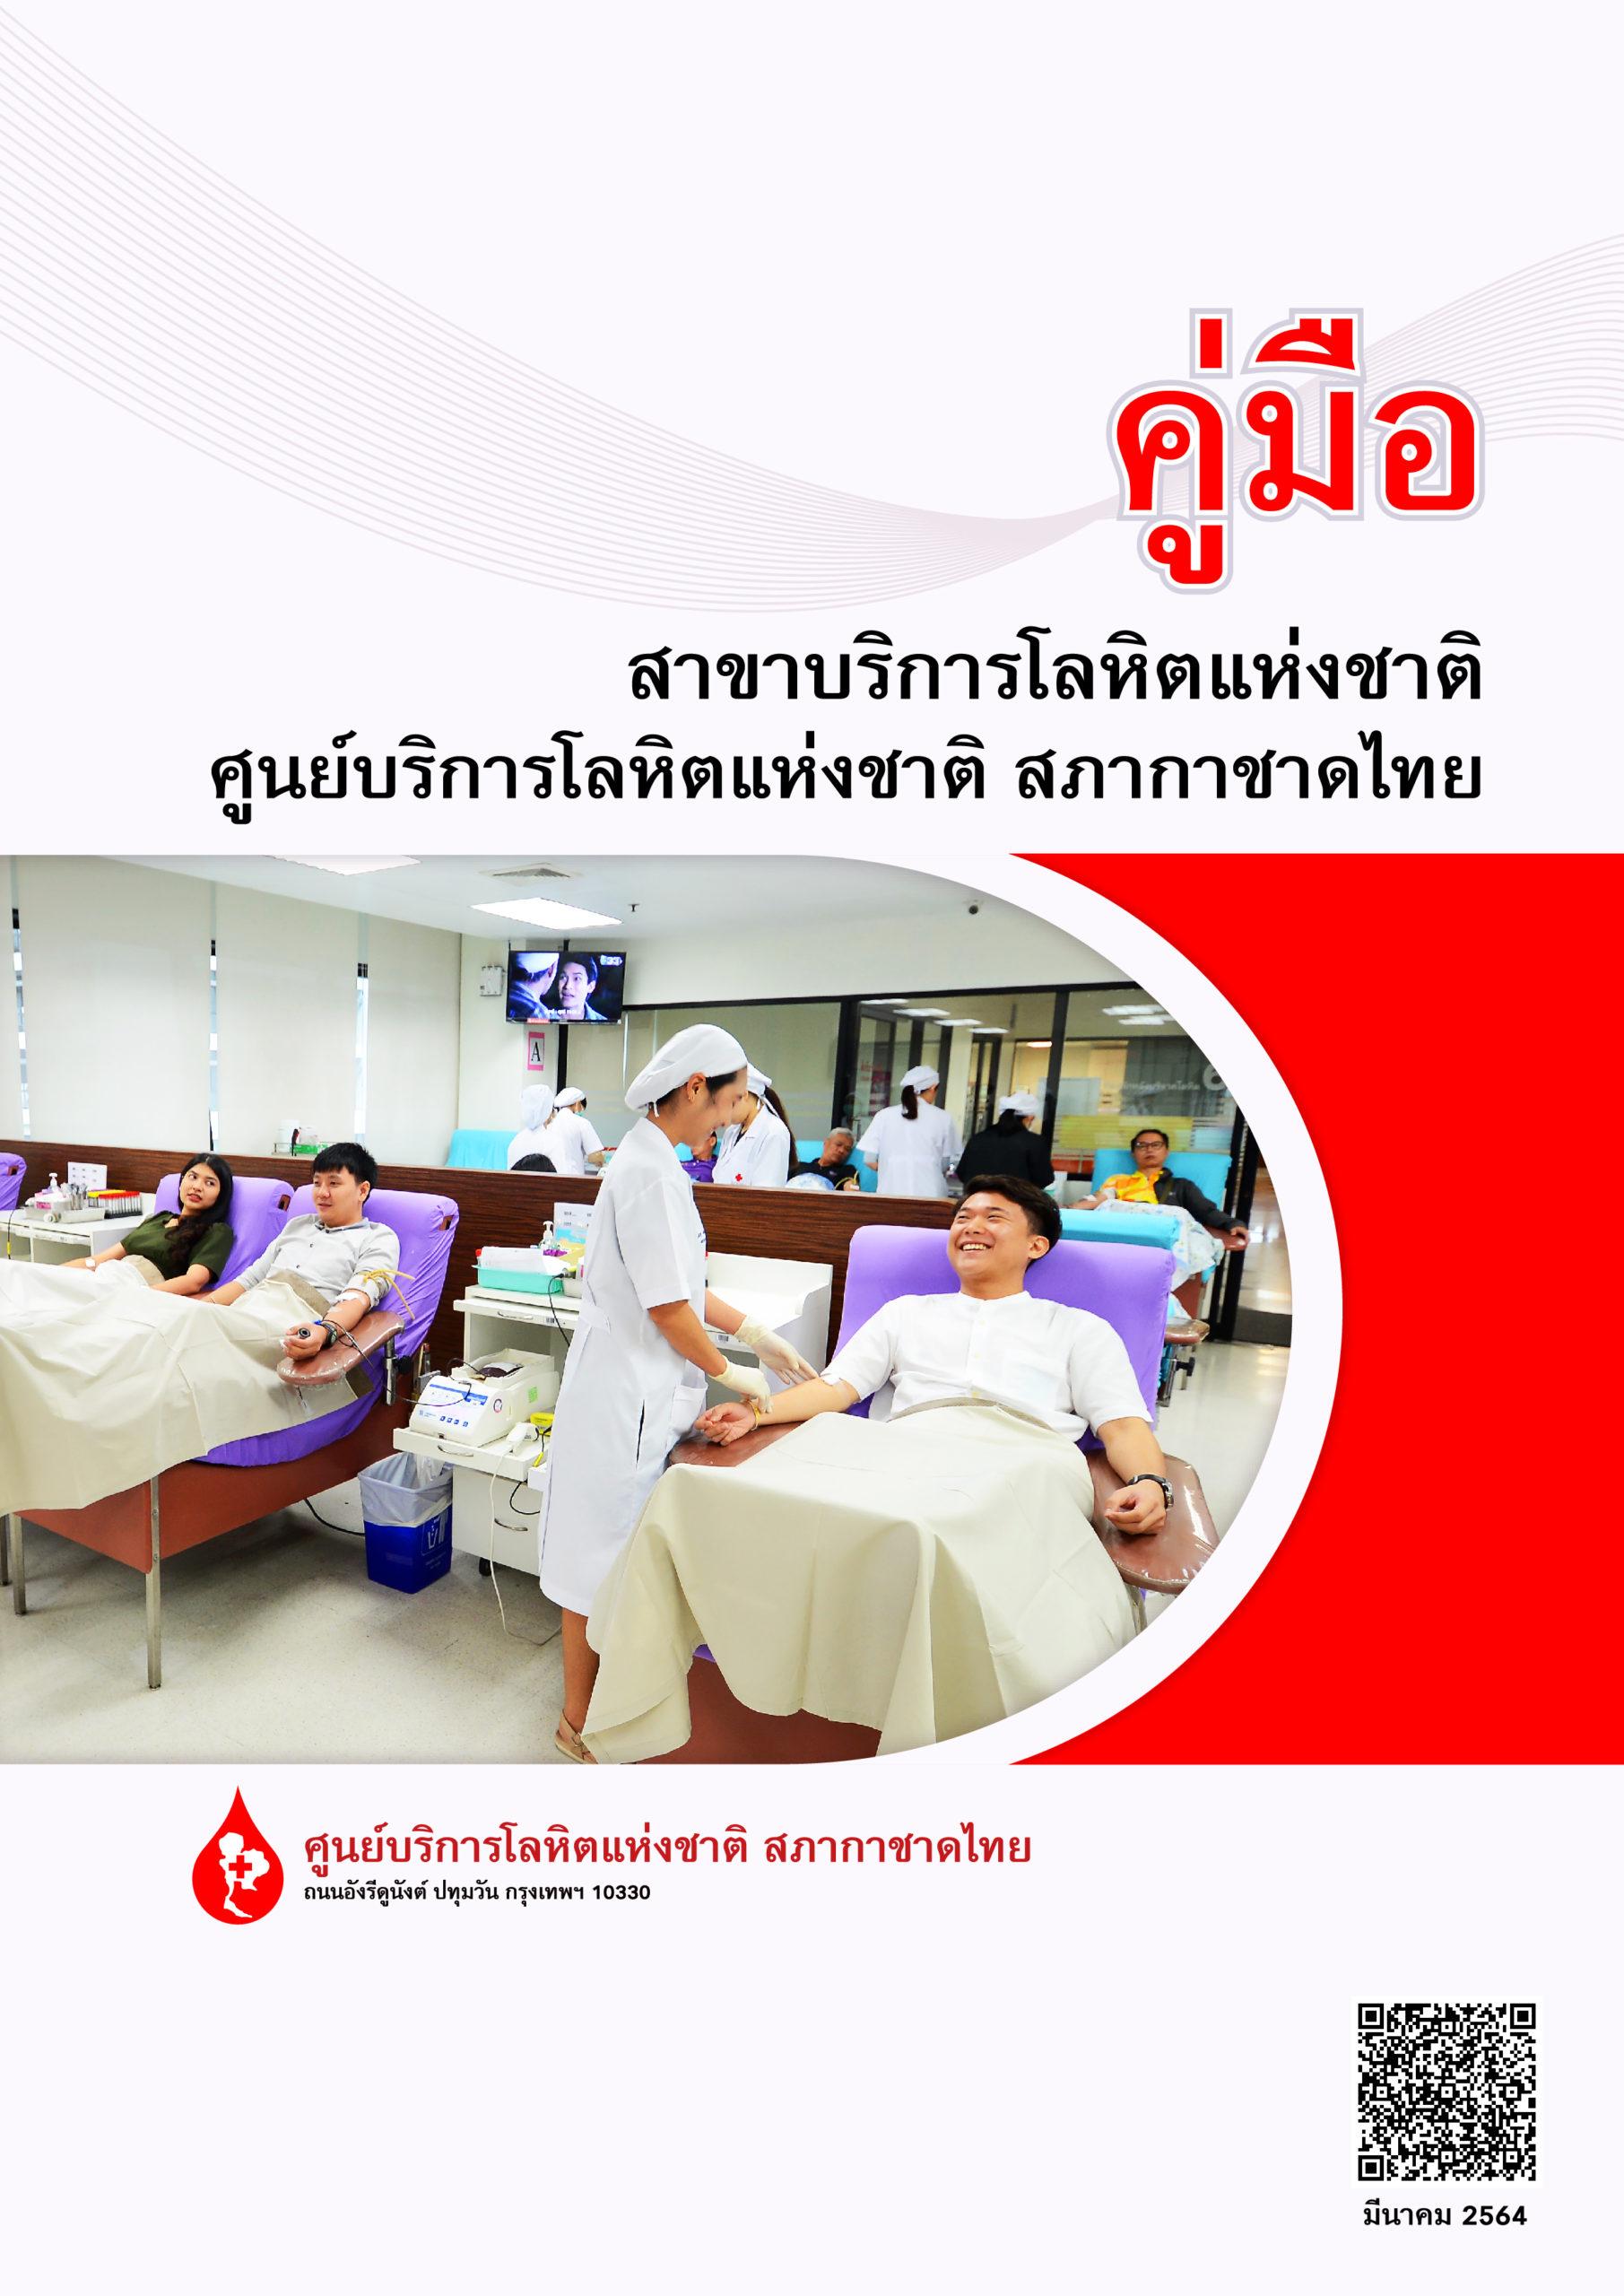 คู่มือสาขาบริการโลหิตแห่งชาติ ศูนย์บริการโลหิตแห่งชาติ สภากาชาดไทย